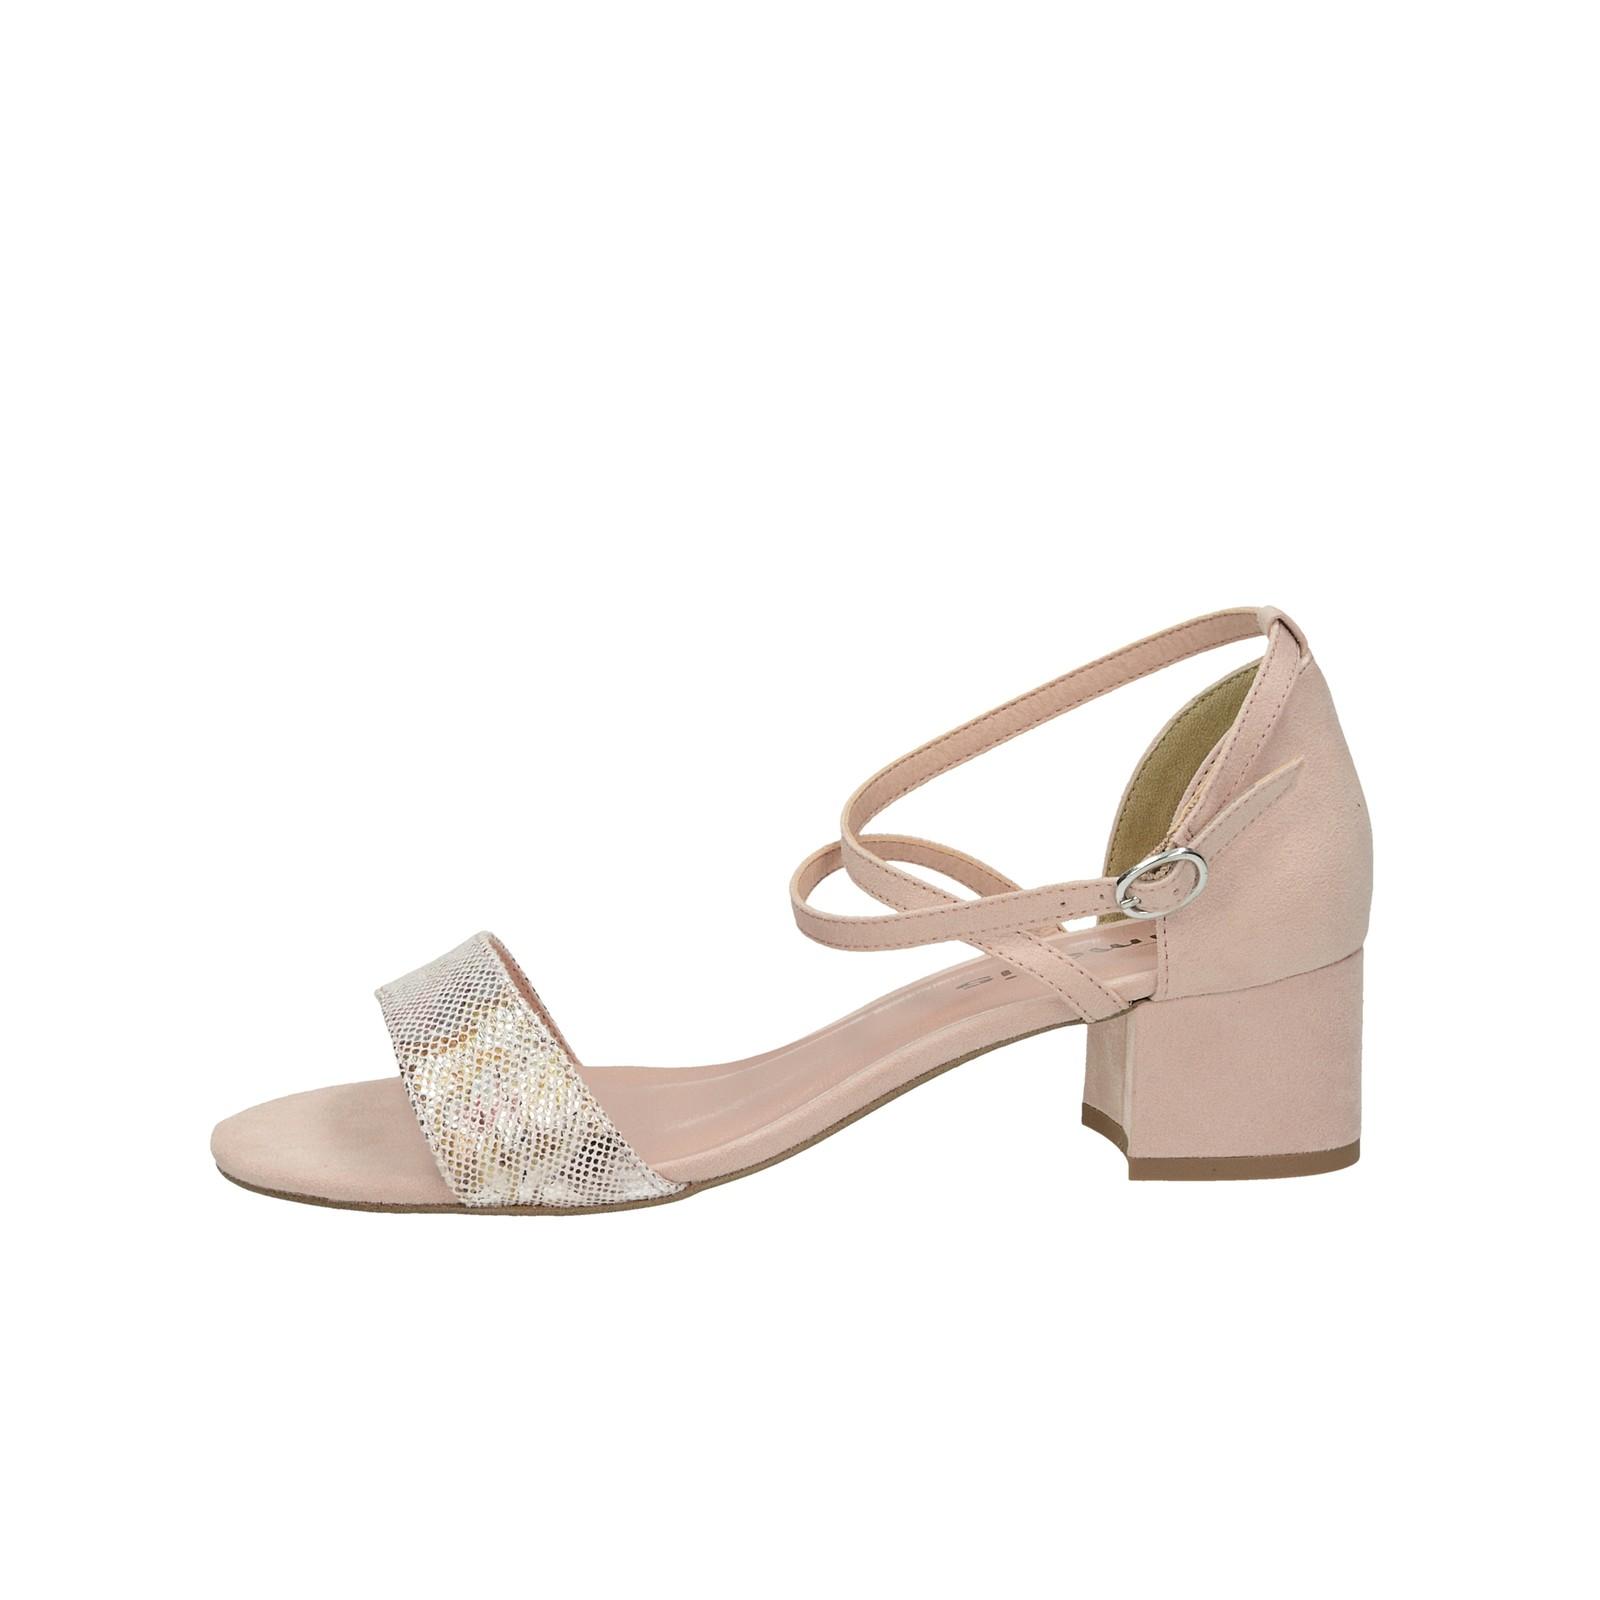 0ed700d9a5 Tamaris dámske pohodlné sandále - ružové Tamaris dámske pohodlné sandále -  ružové ...